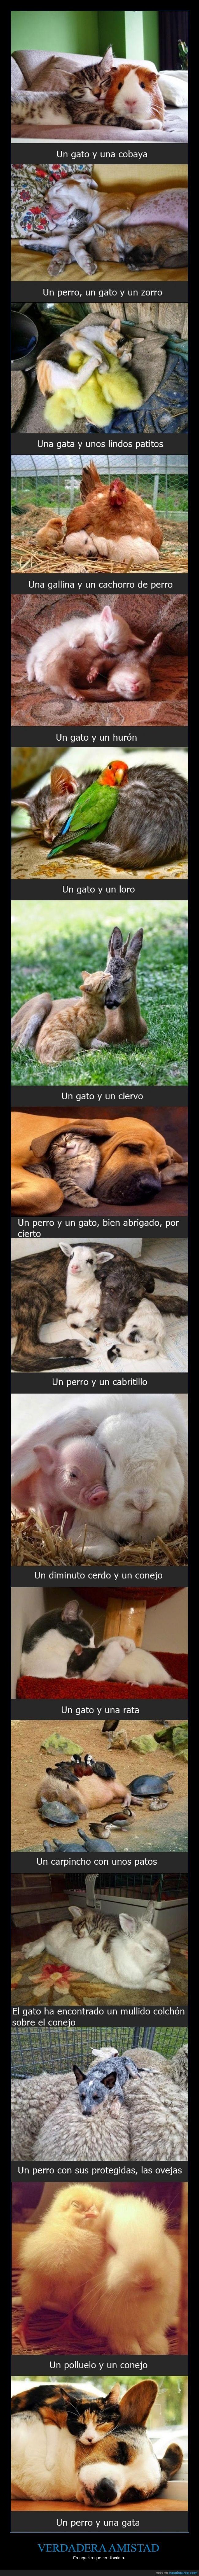 cabritillo,cachorros,carpincho,cerdo,ciervo,cobaya,conejo,dormir juntos,extrañas parejas,gallina,Gato,hurón,loro,no discriminar,ovejas,patitos,perro,pollitos,rata,verdadera amistad,zorro